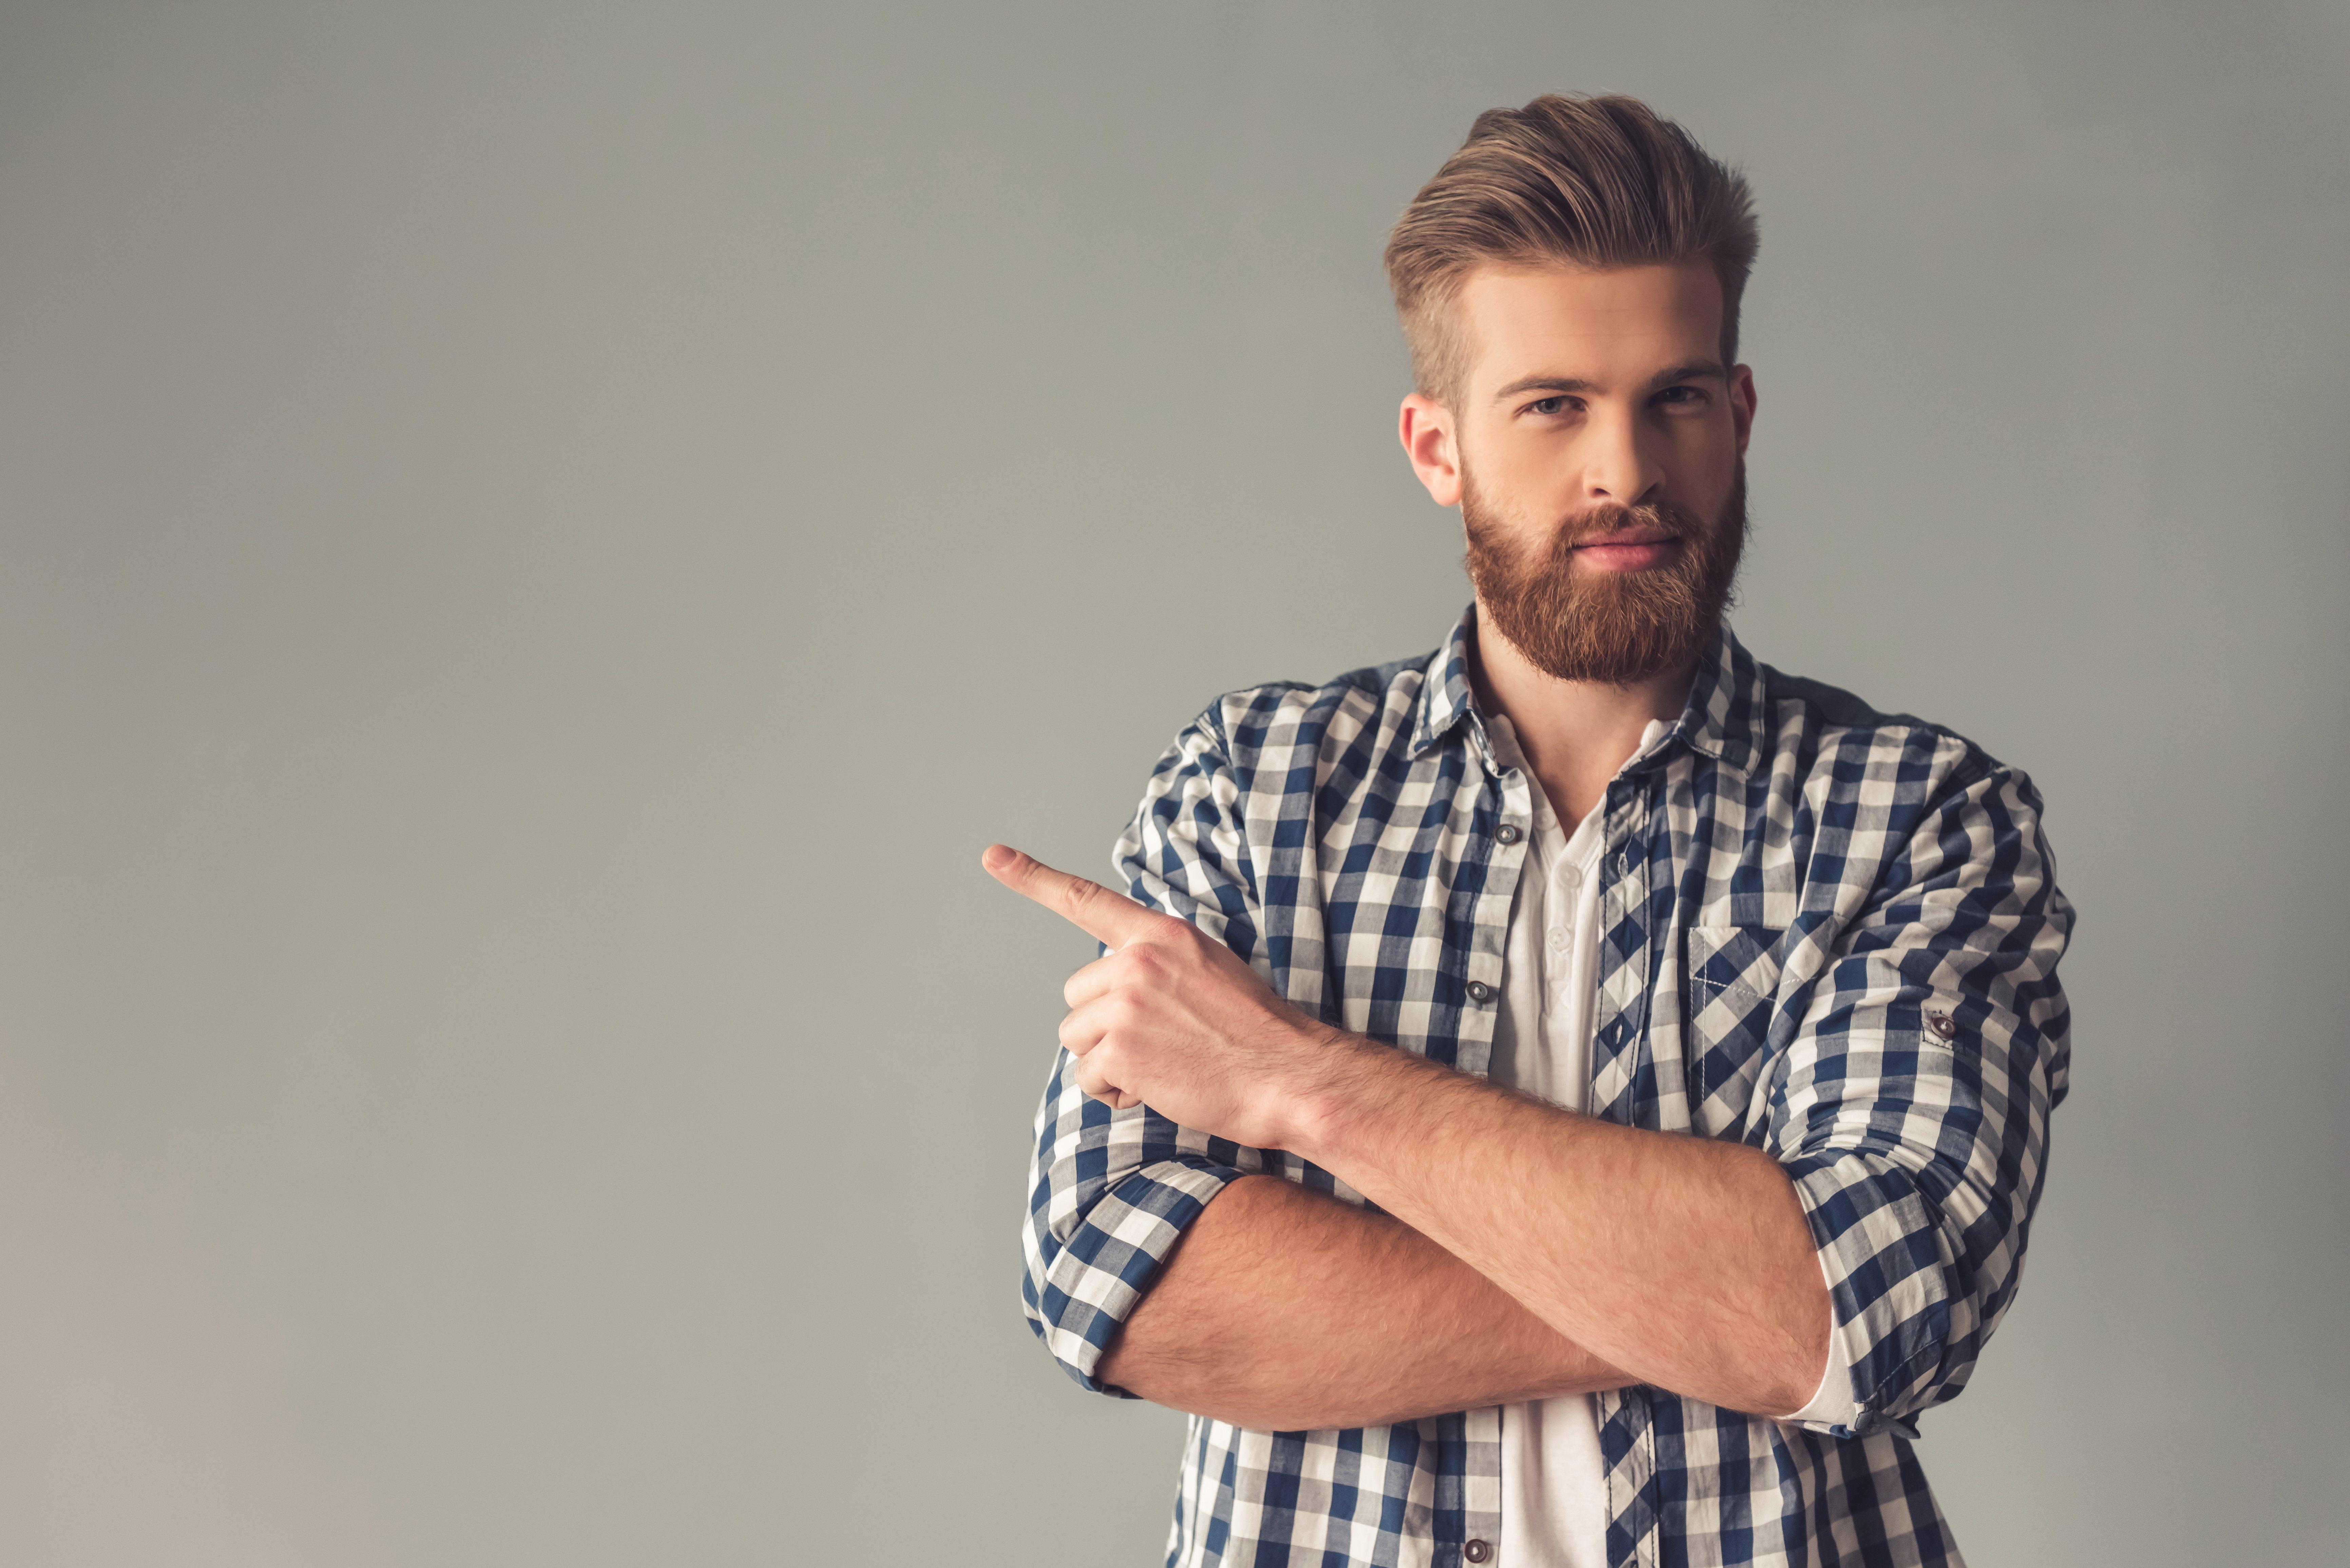 Muchos famosos iconos de la moda ya han apostado por la barba